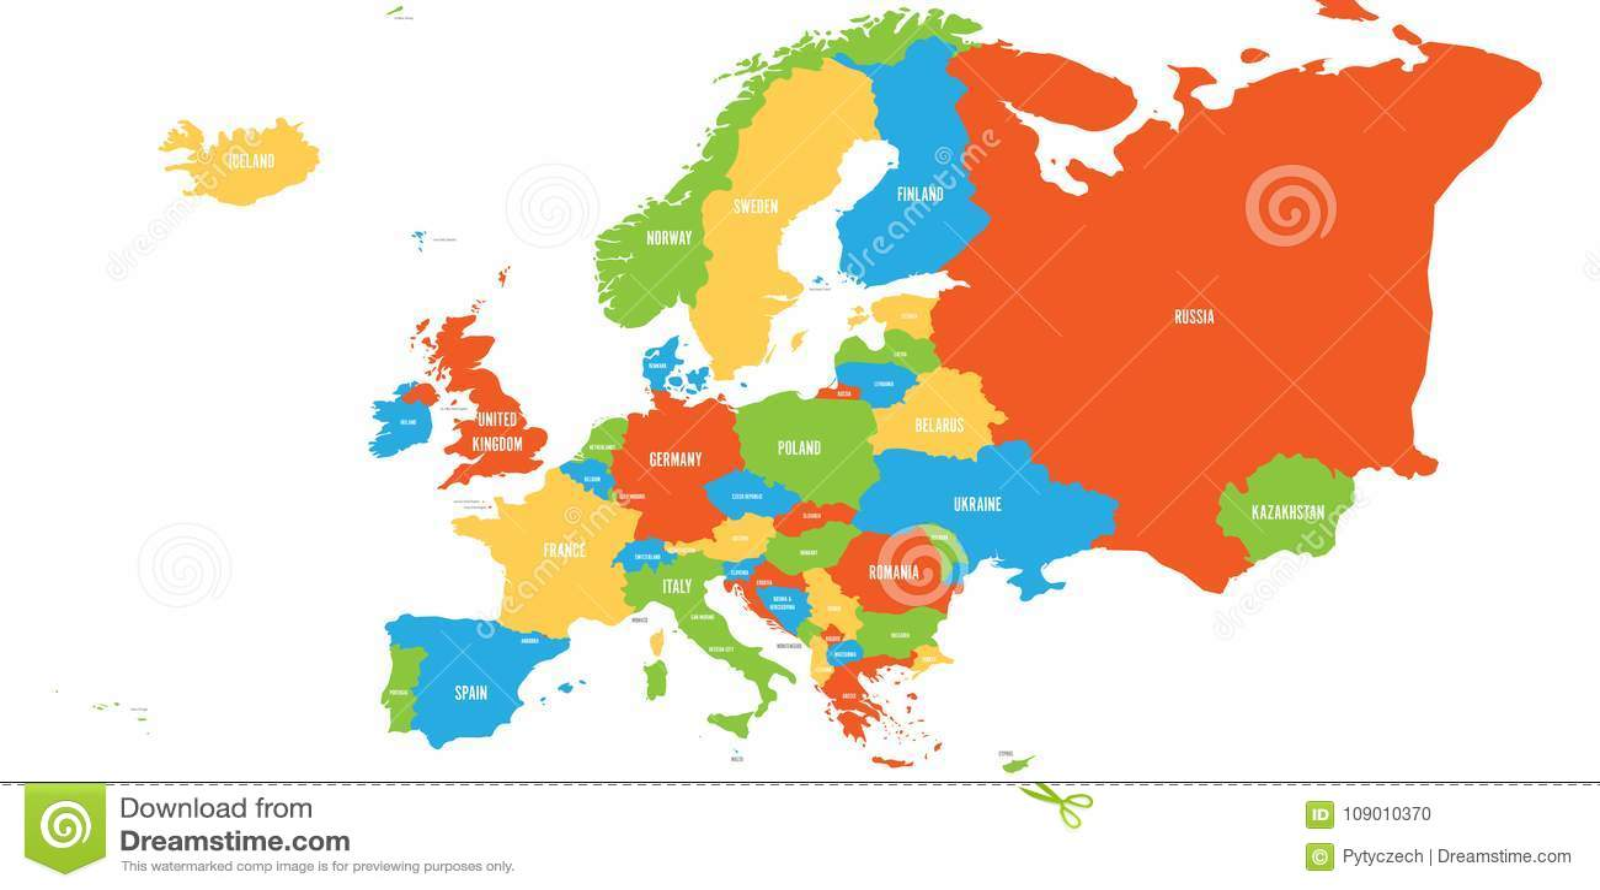 Mappa politica del continente di europa in quattro colori - Mappa di ungheria ed europa ...